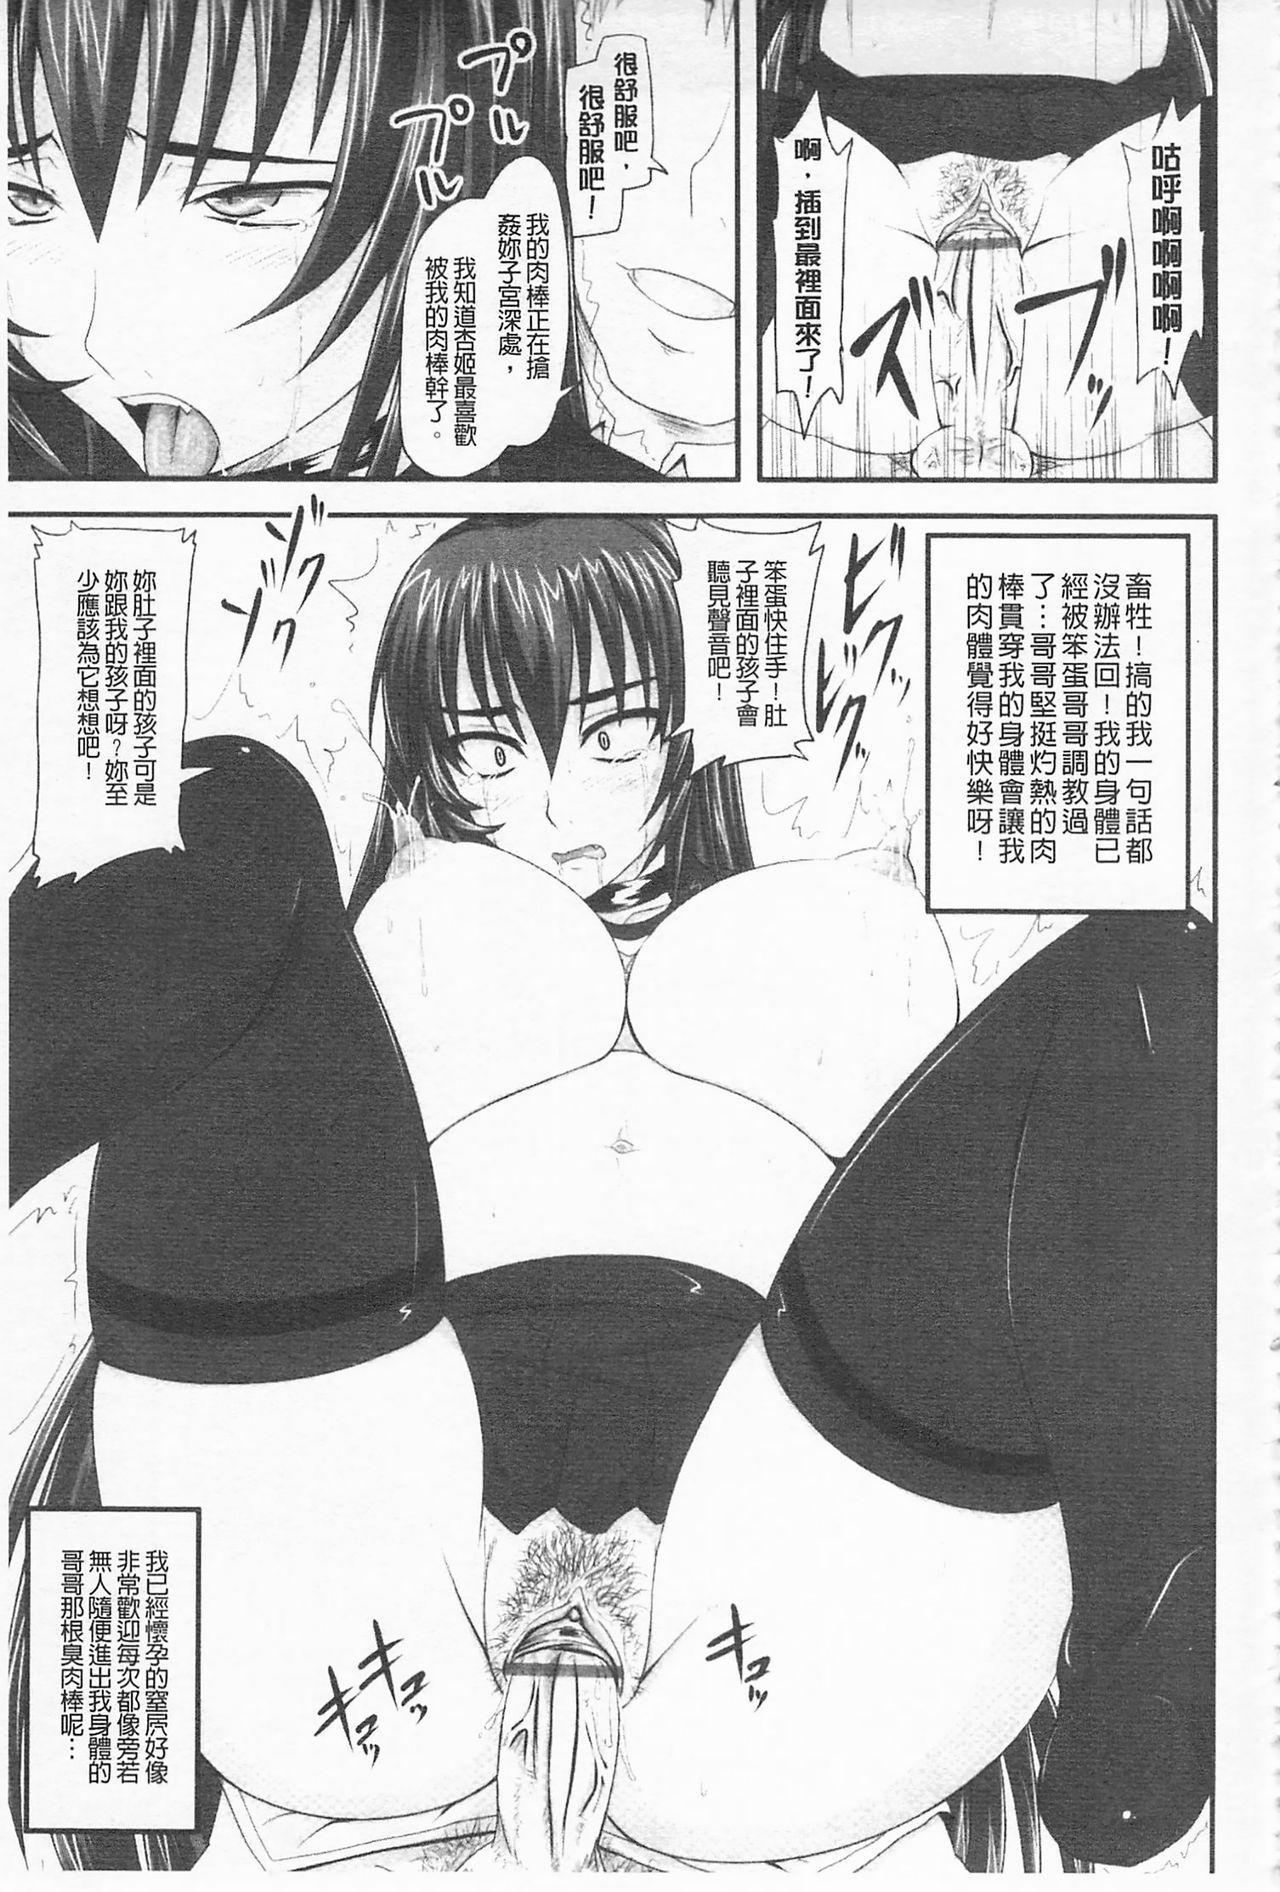 [Nozarashi Satoru] Do S na Hime wa Kegasareru -Ouhou no Shou-   超S的公主被玷汙了 ~報應之章~ [Chinese] 17